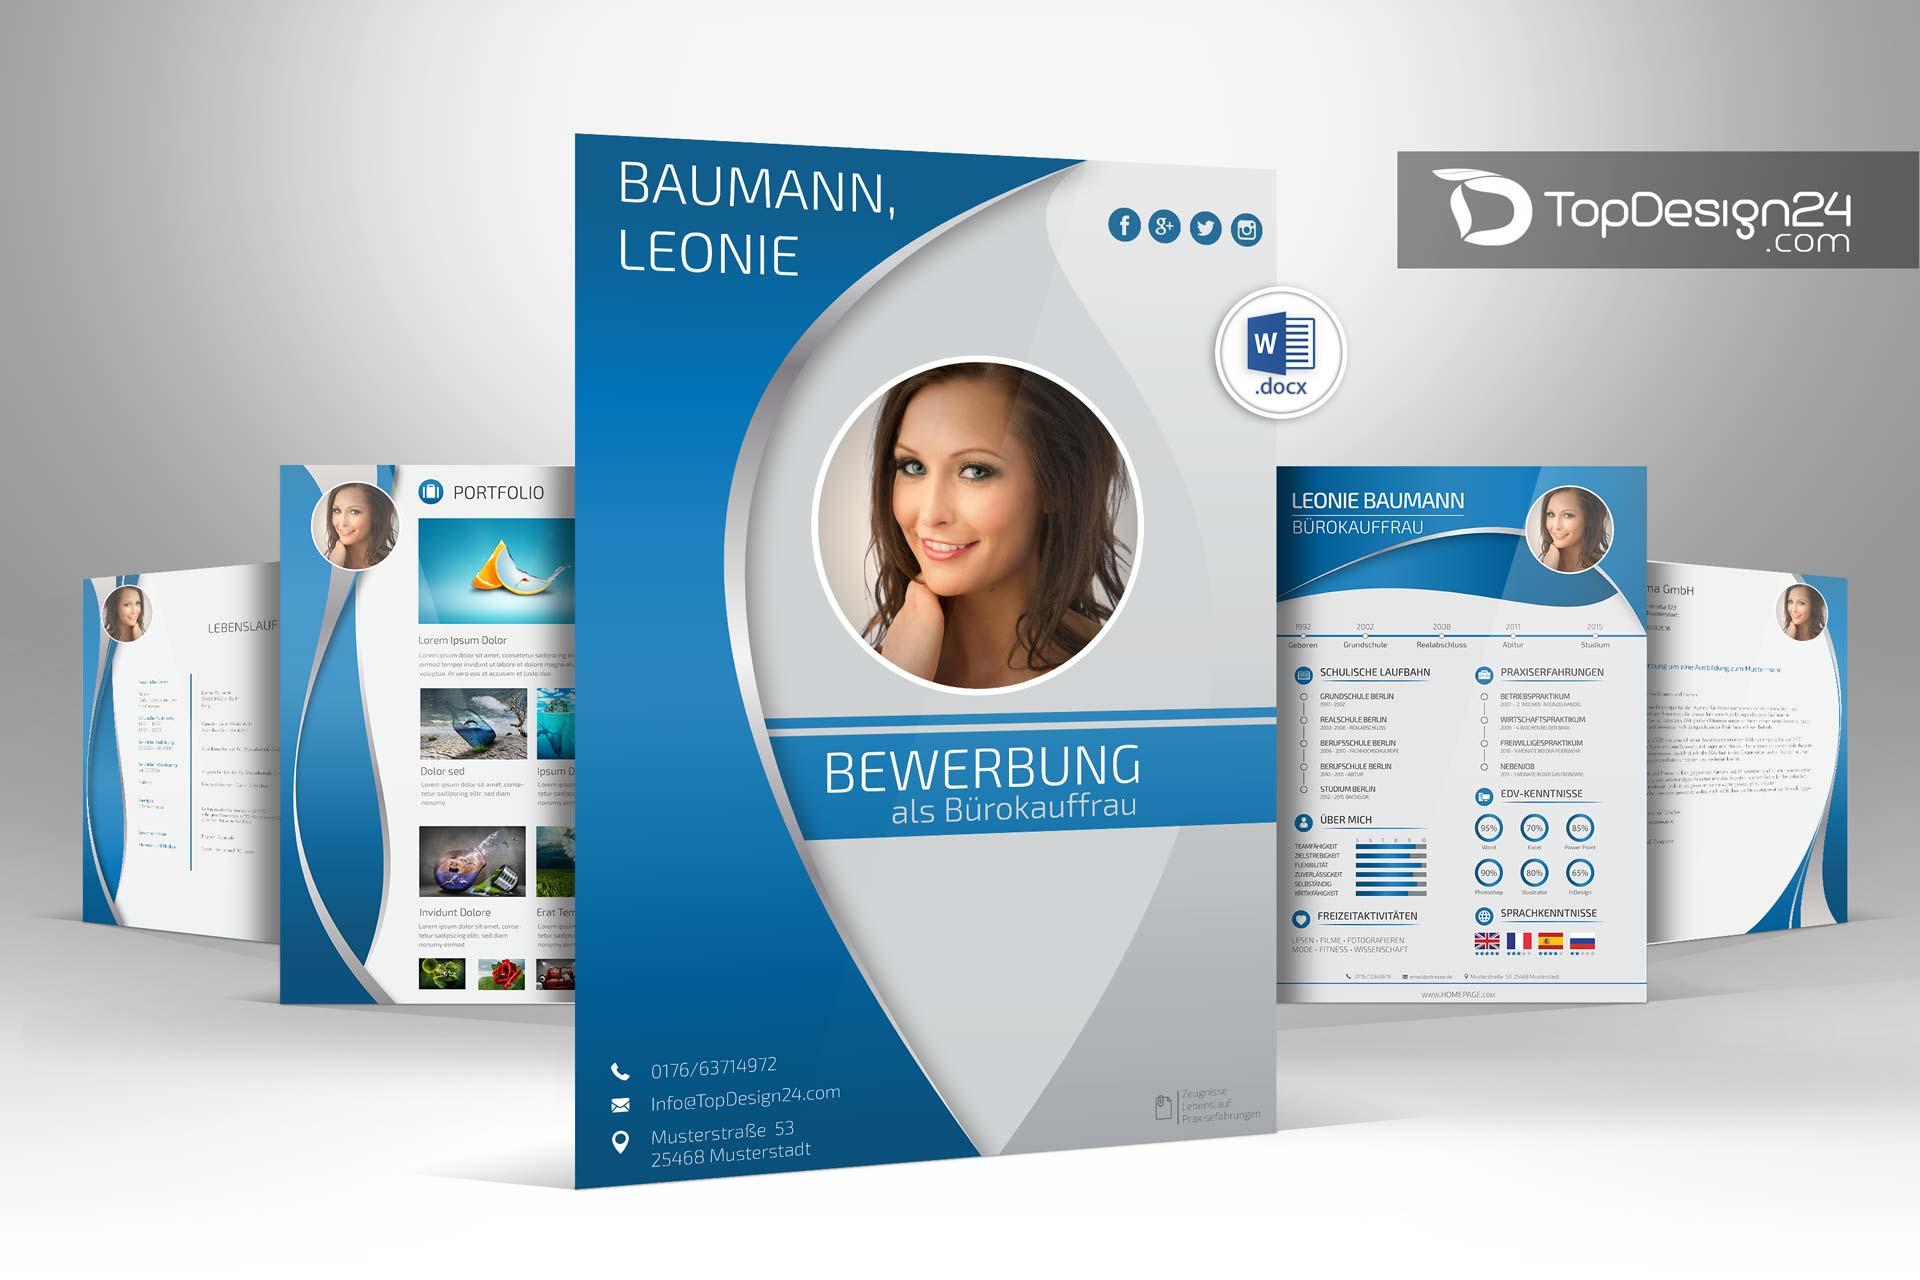 Home Design With Layout Bewerbung Layout Topdesign24 Bewerbungsvorlagen